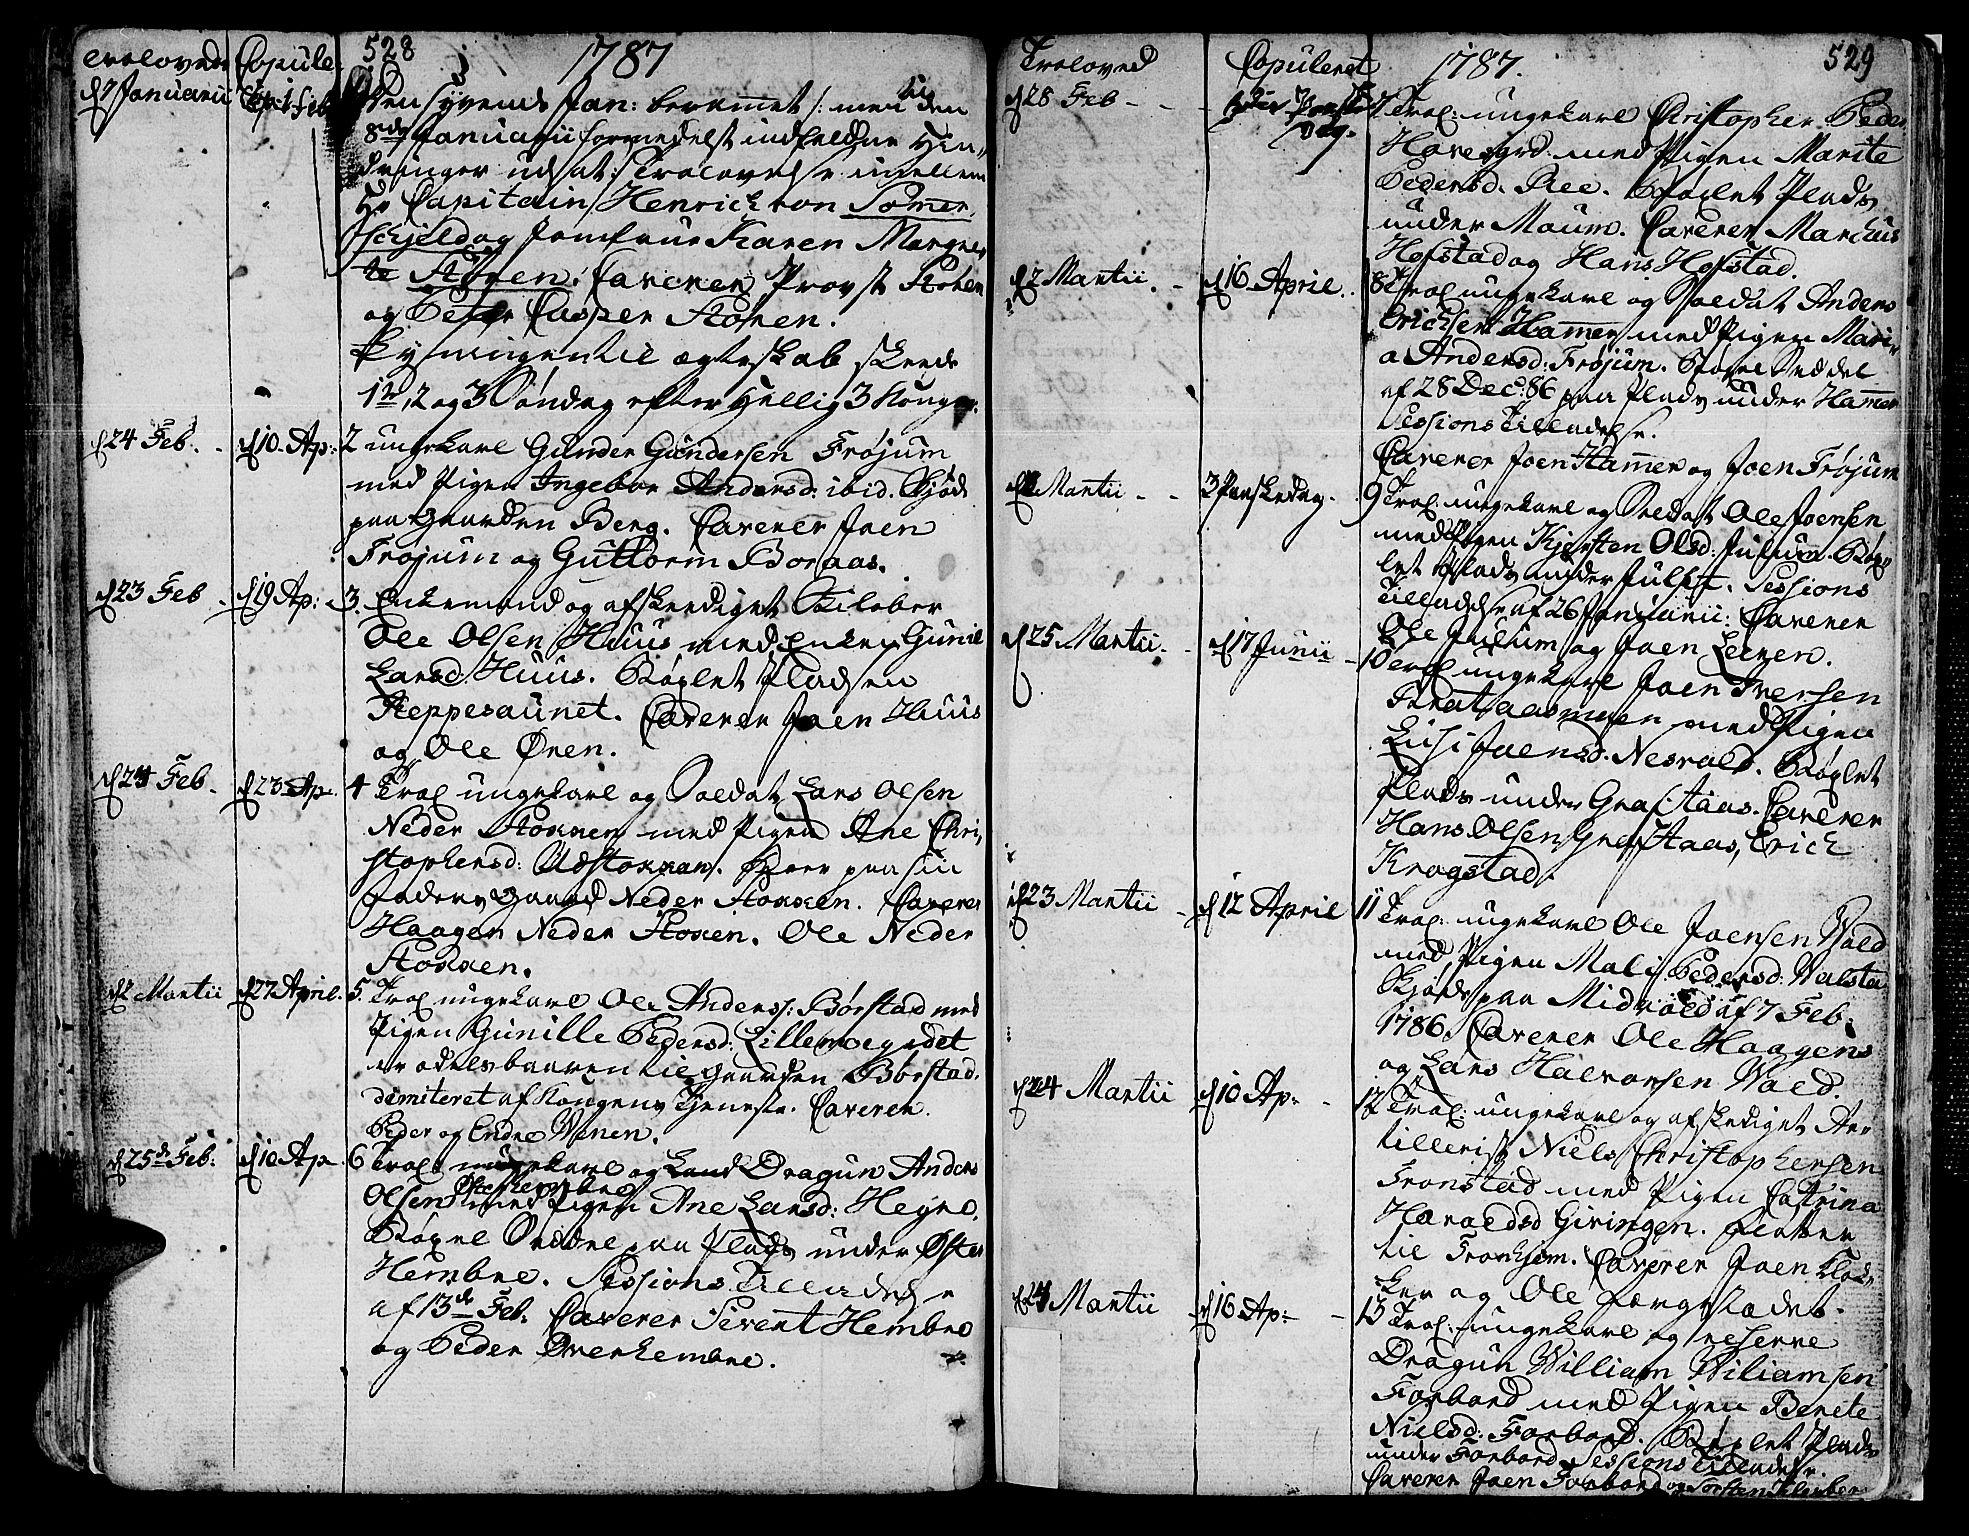 SAT, Ministerialprotokoller, klokkerbøker og fødselsregistre - Nord-Trøndelag, 709/L0059: Ministerialbok nr. 709A06, 1781-1797, s. 528-529